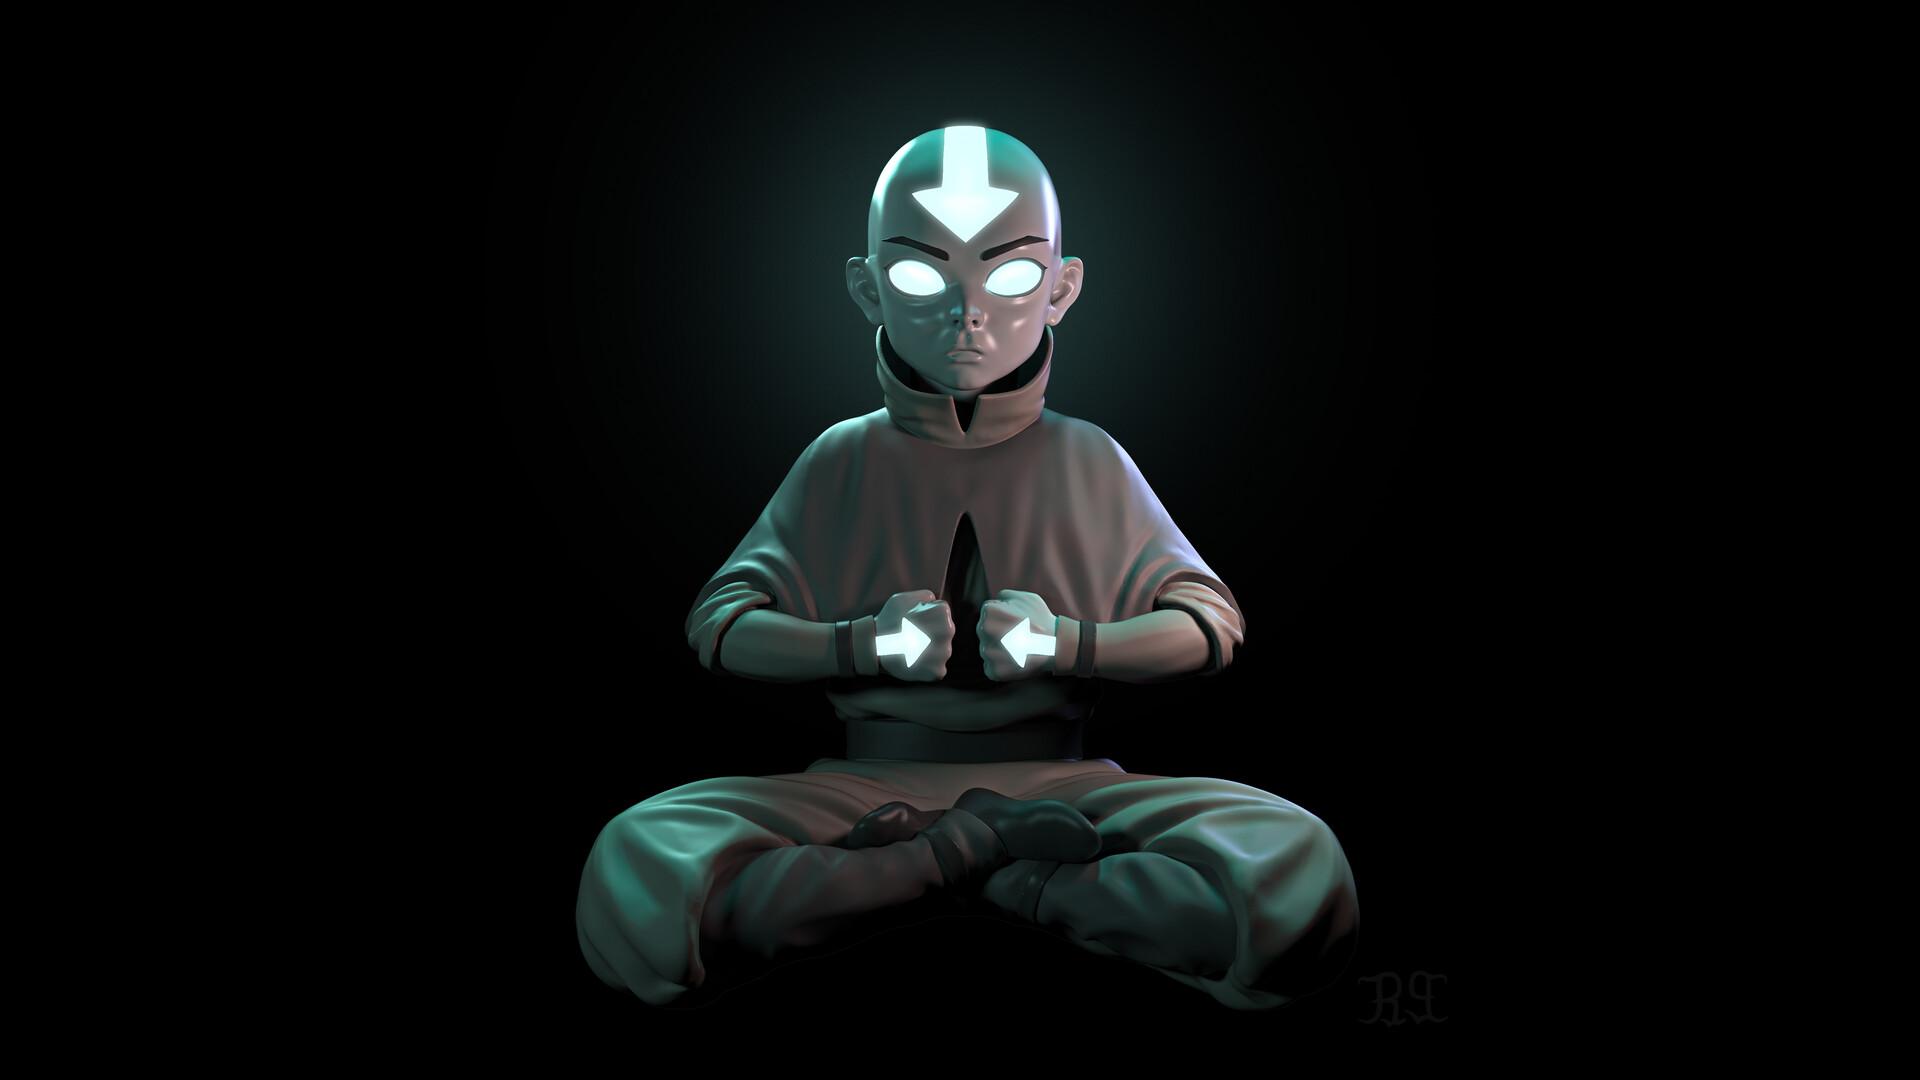 Artstation Avatar Aang The Last Airbender Sm Bonin